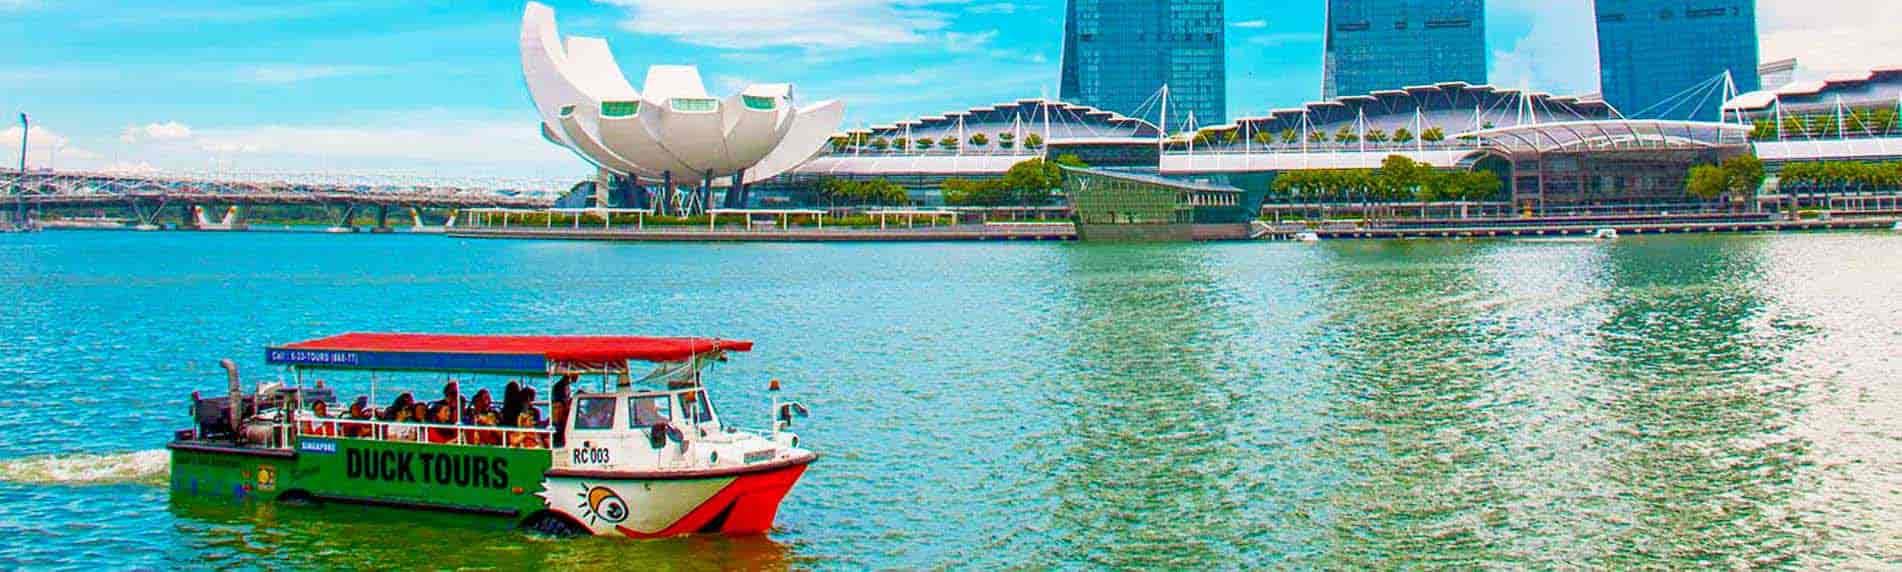 singapore duck tour fun